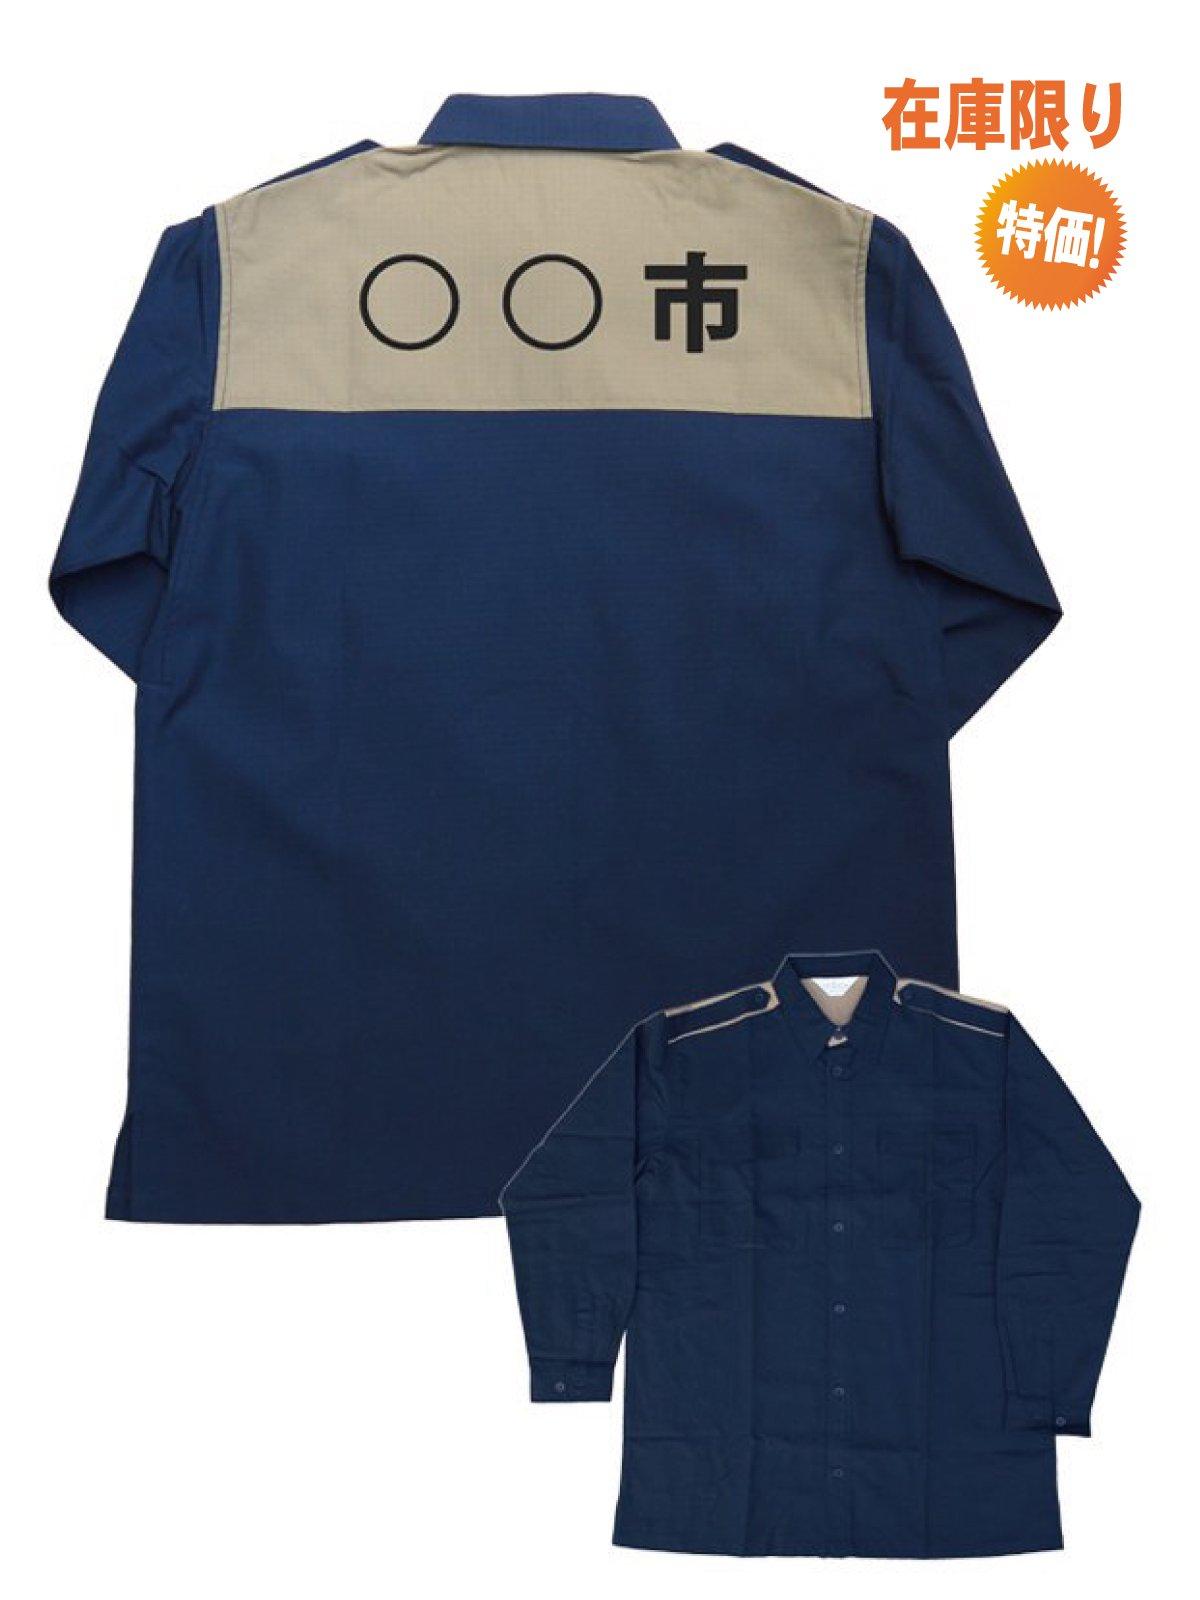 難燃防災服上衣(男性用)